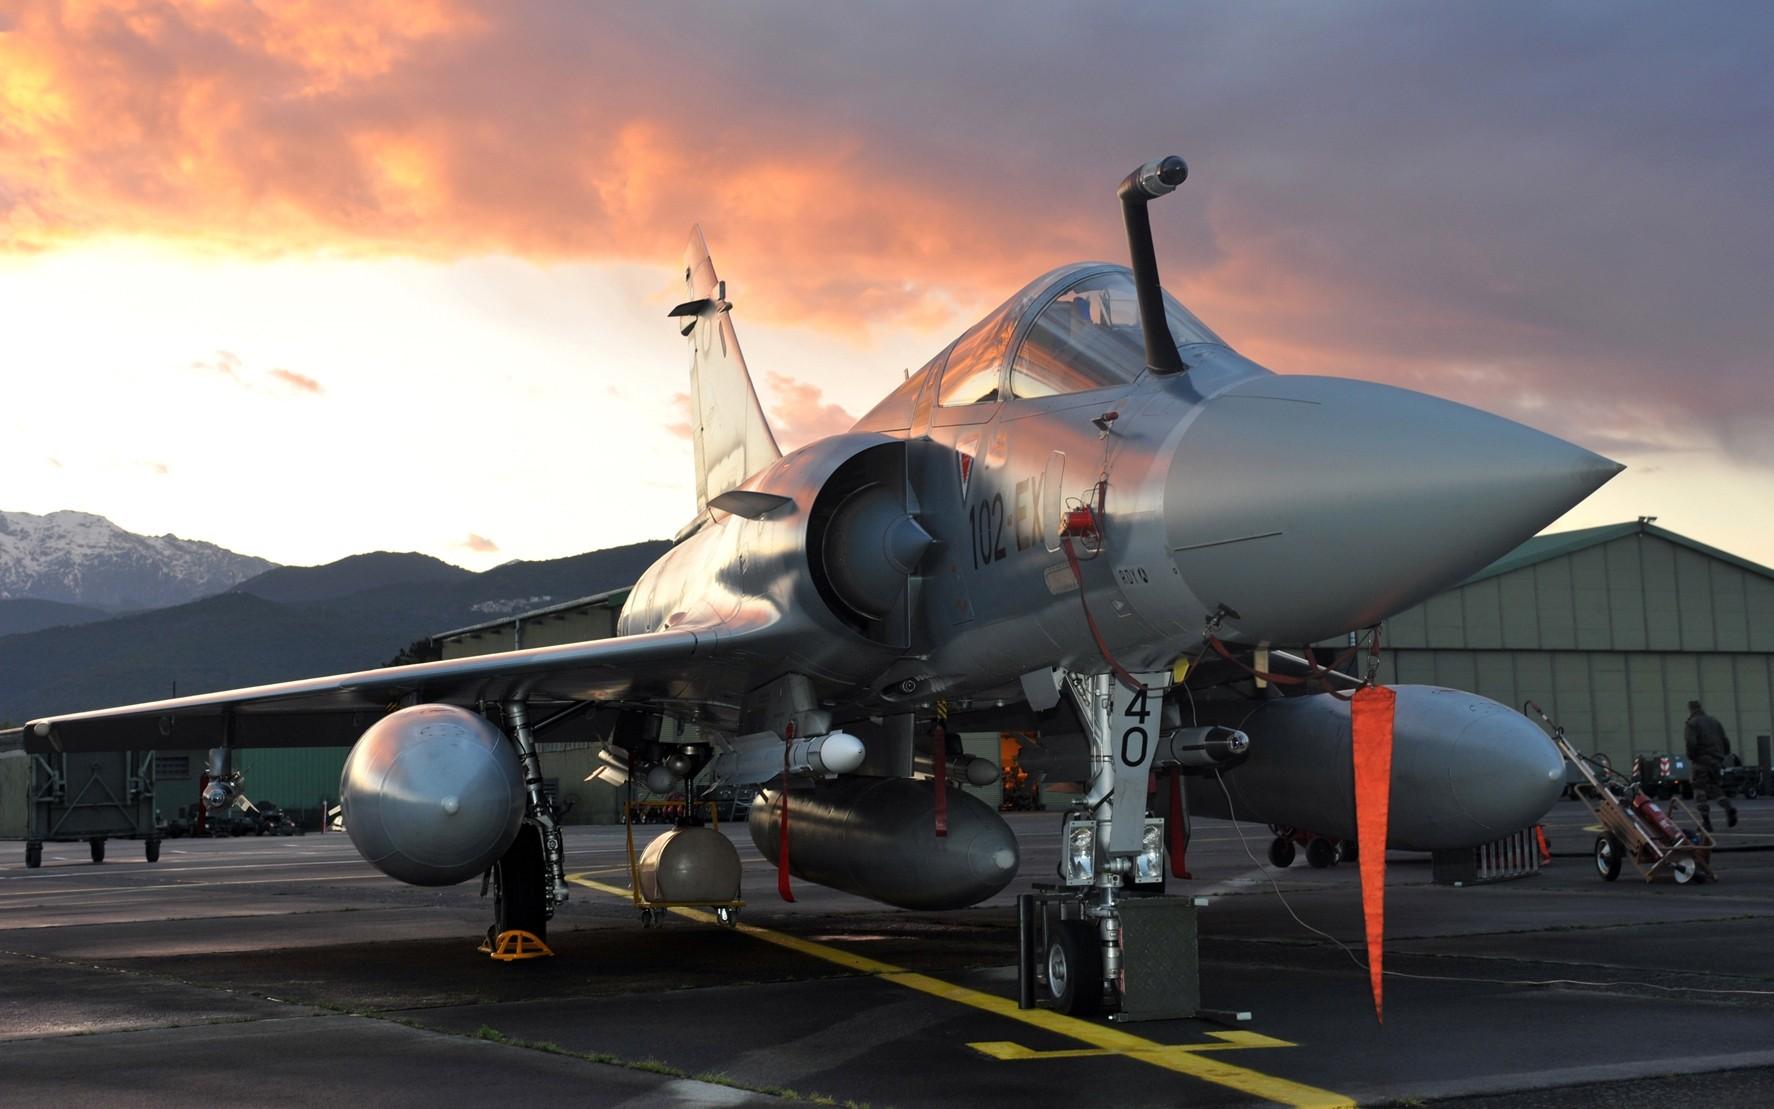 Fondos De Pantalla Vehículo Fotografía Aeronave Militar